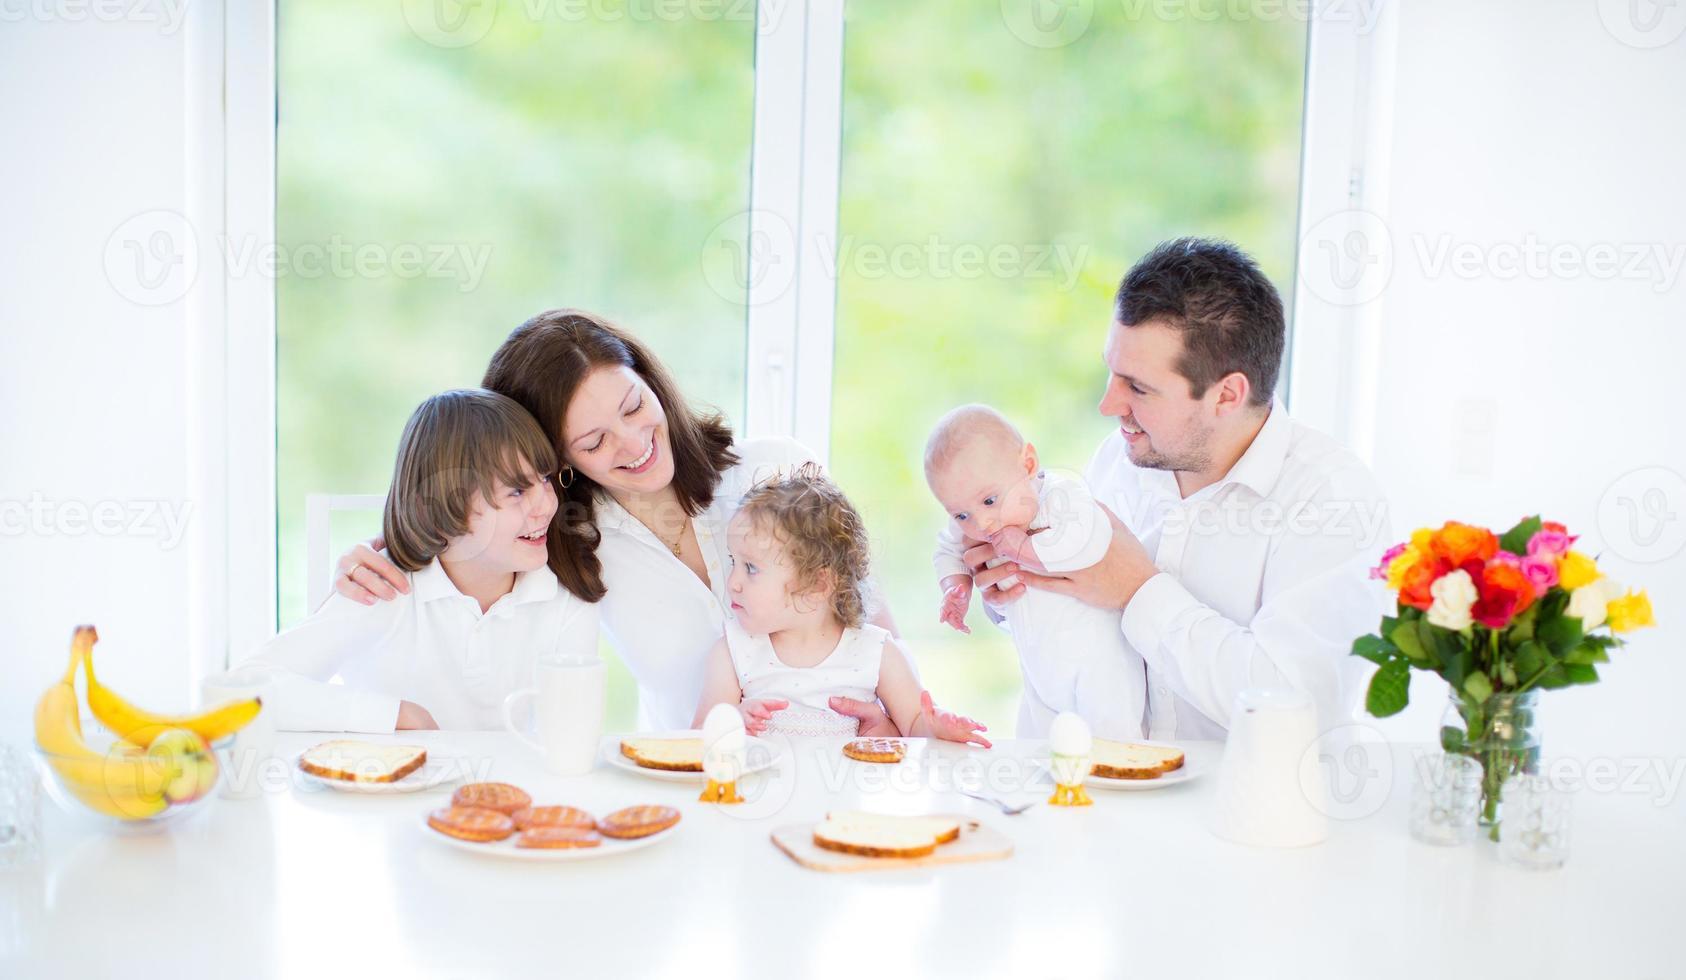 ung familj med tre barn som njuter av frukost nära stora fönster foto